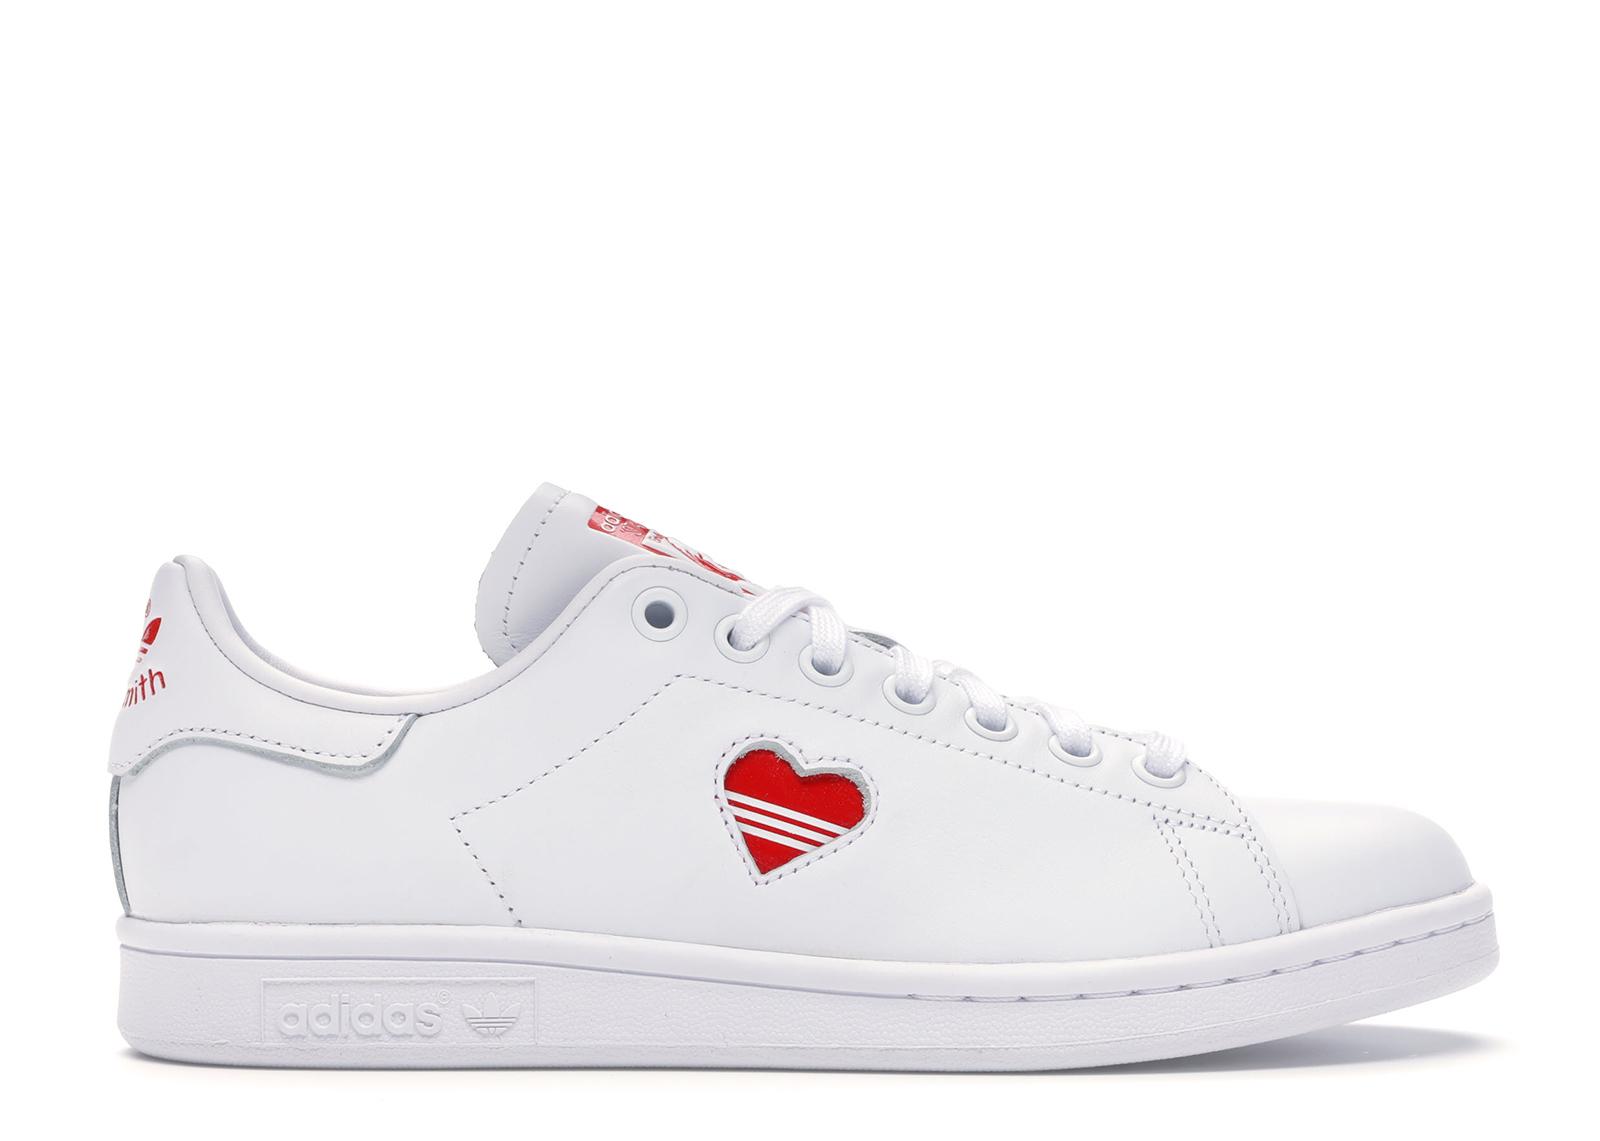 adidas sportswear 2019